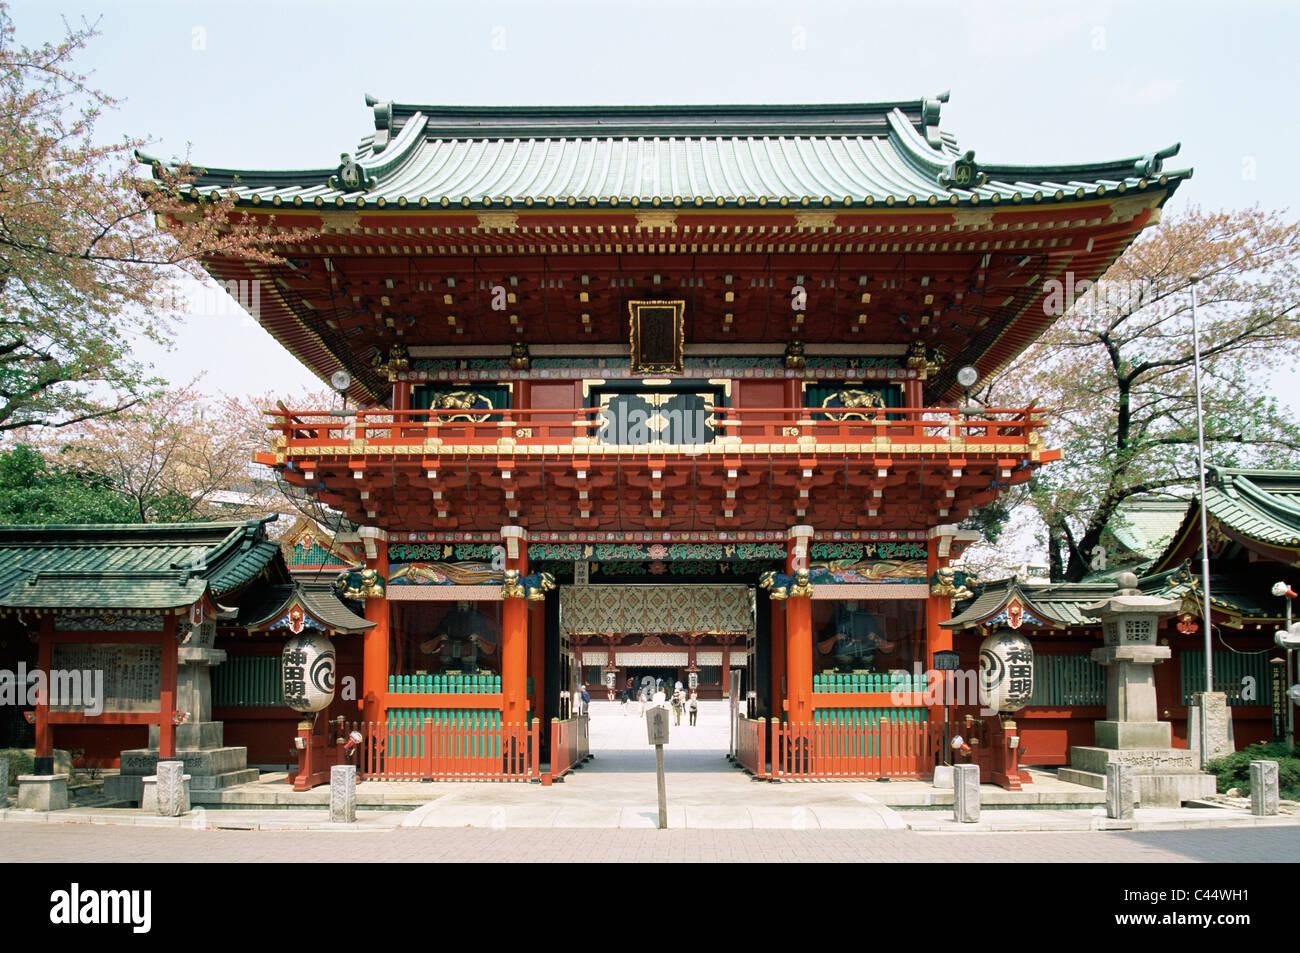 Architecture Asia Gateway Holiday Japan Kanda Landmark - Shinto religion